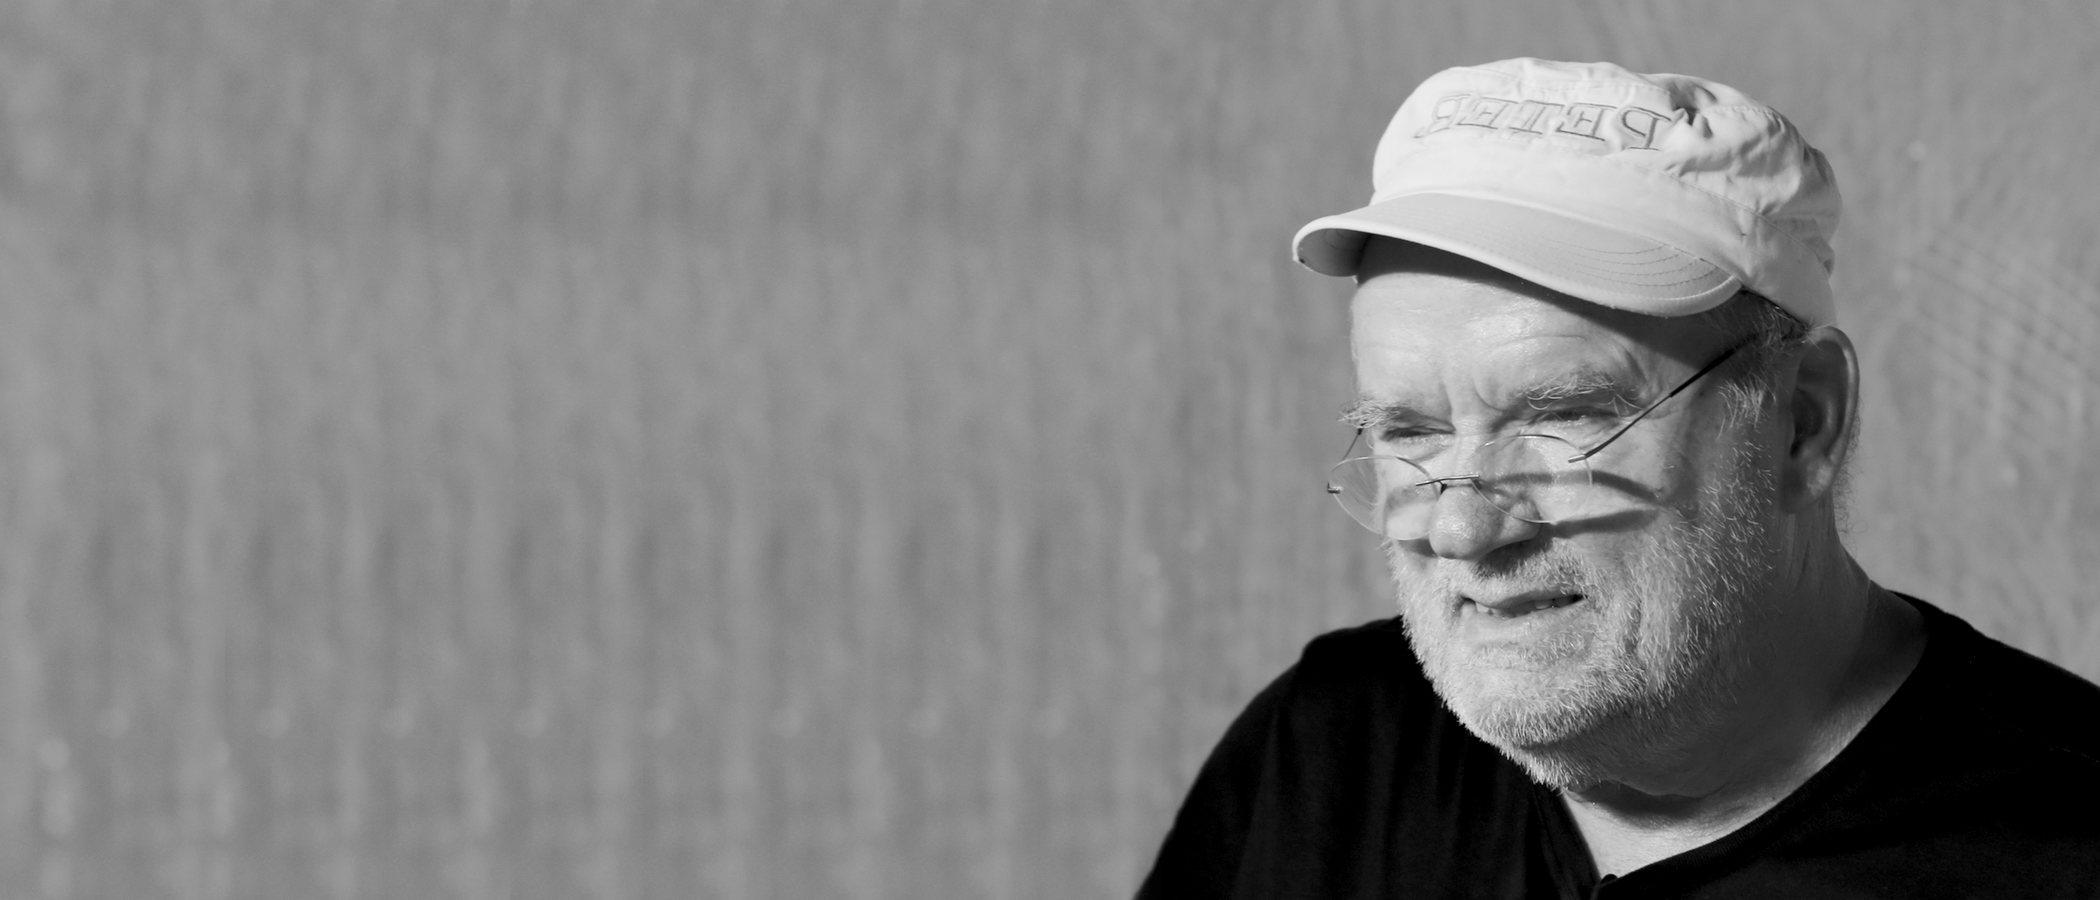 Muere el fotógrafo de las supermodelos Peter Lindbergh a los 74 años